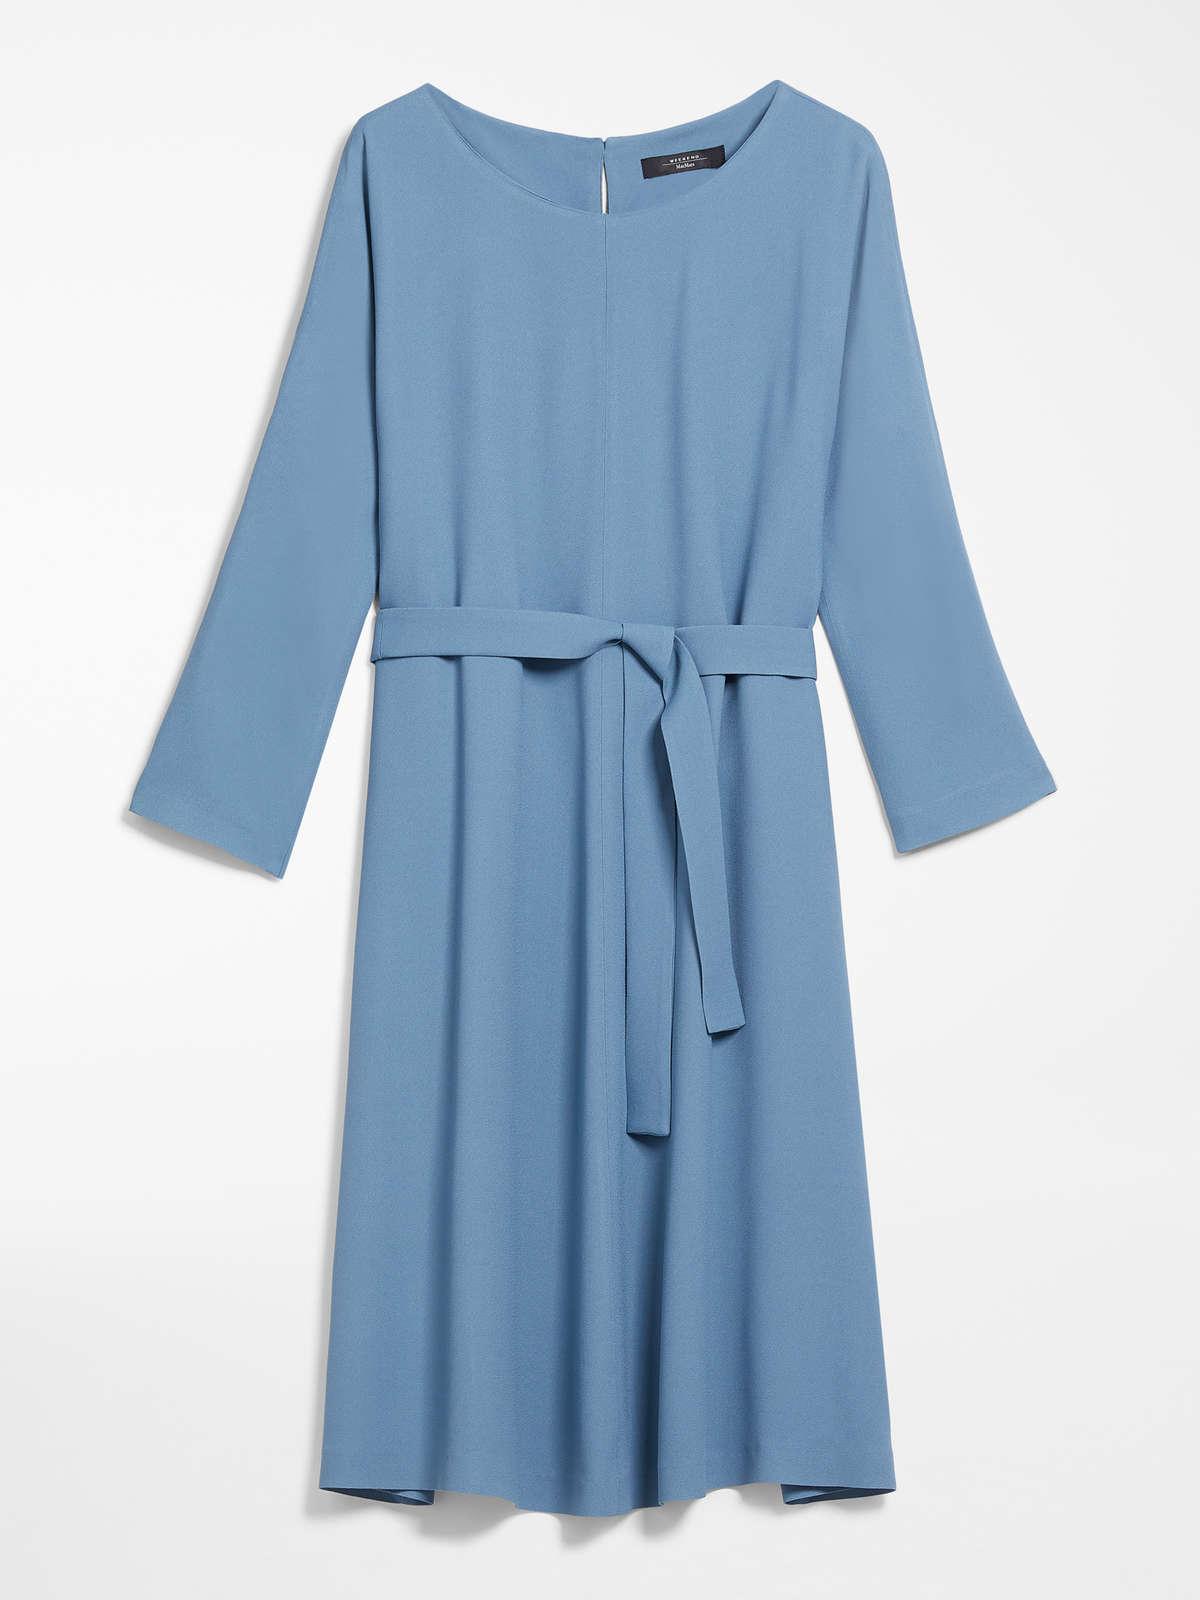 Viscose Sable Dress by Max Mara